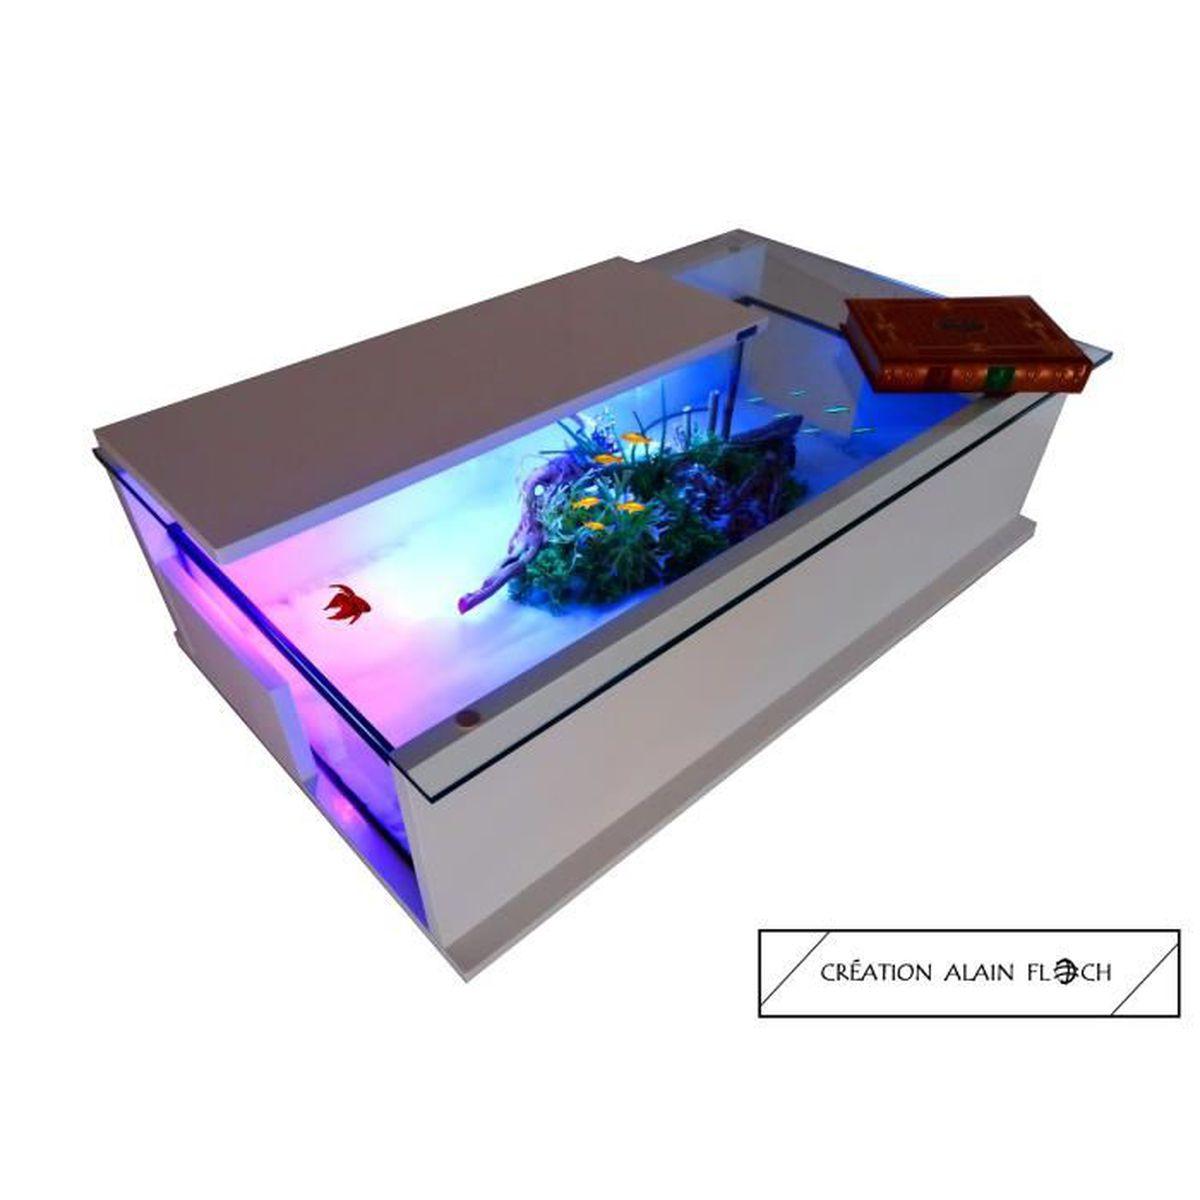 Mettre Des Roulettes Sous Une Table table basse aquarium terrarium blanca avec 5 roulettes